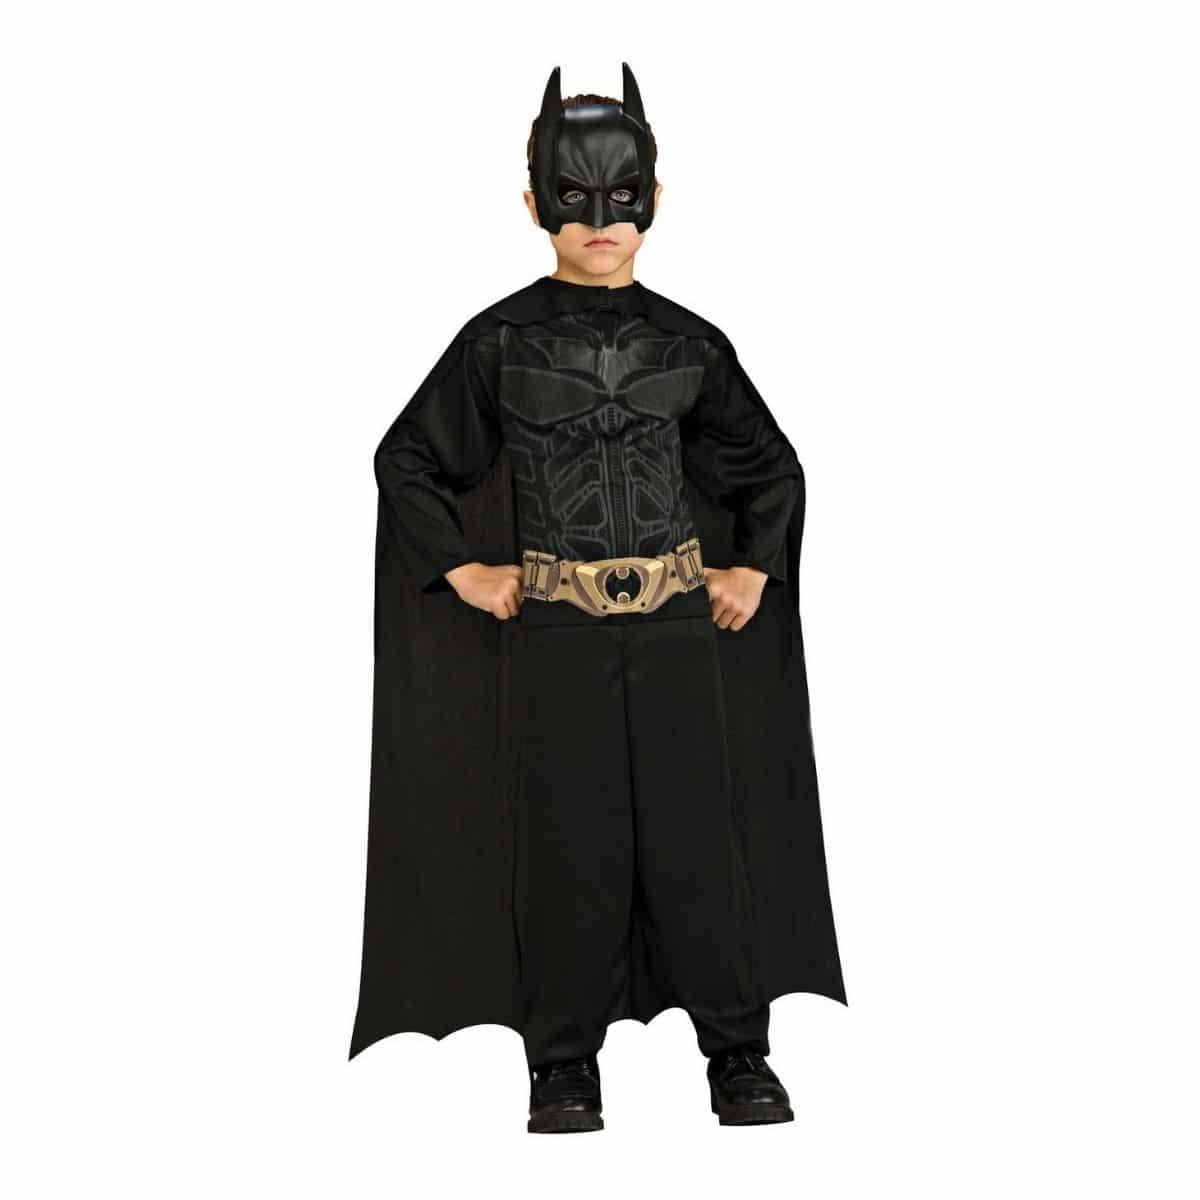 Disfraz de Batman el caballero oscuro